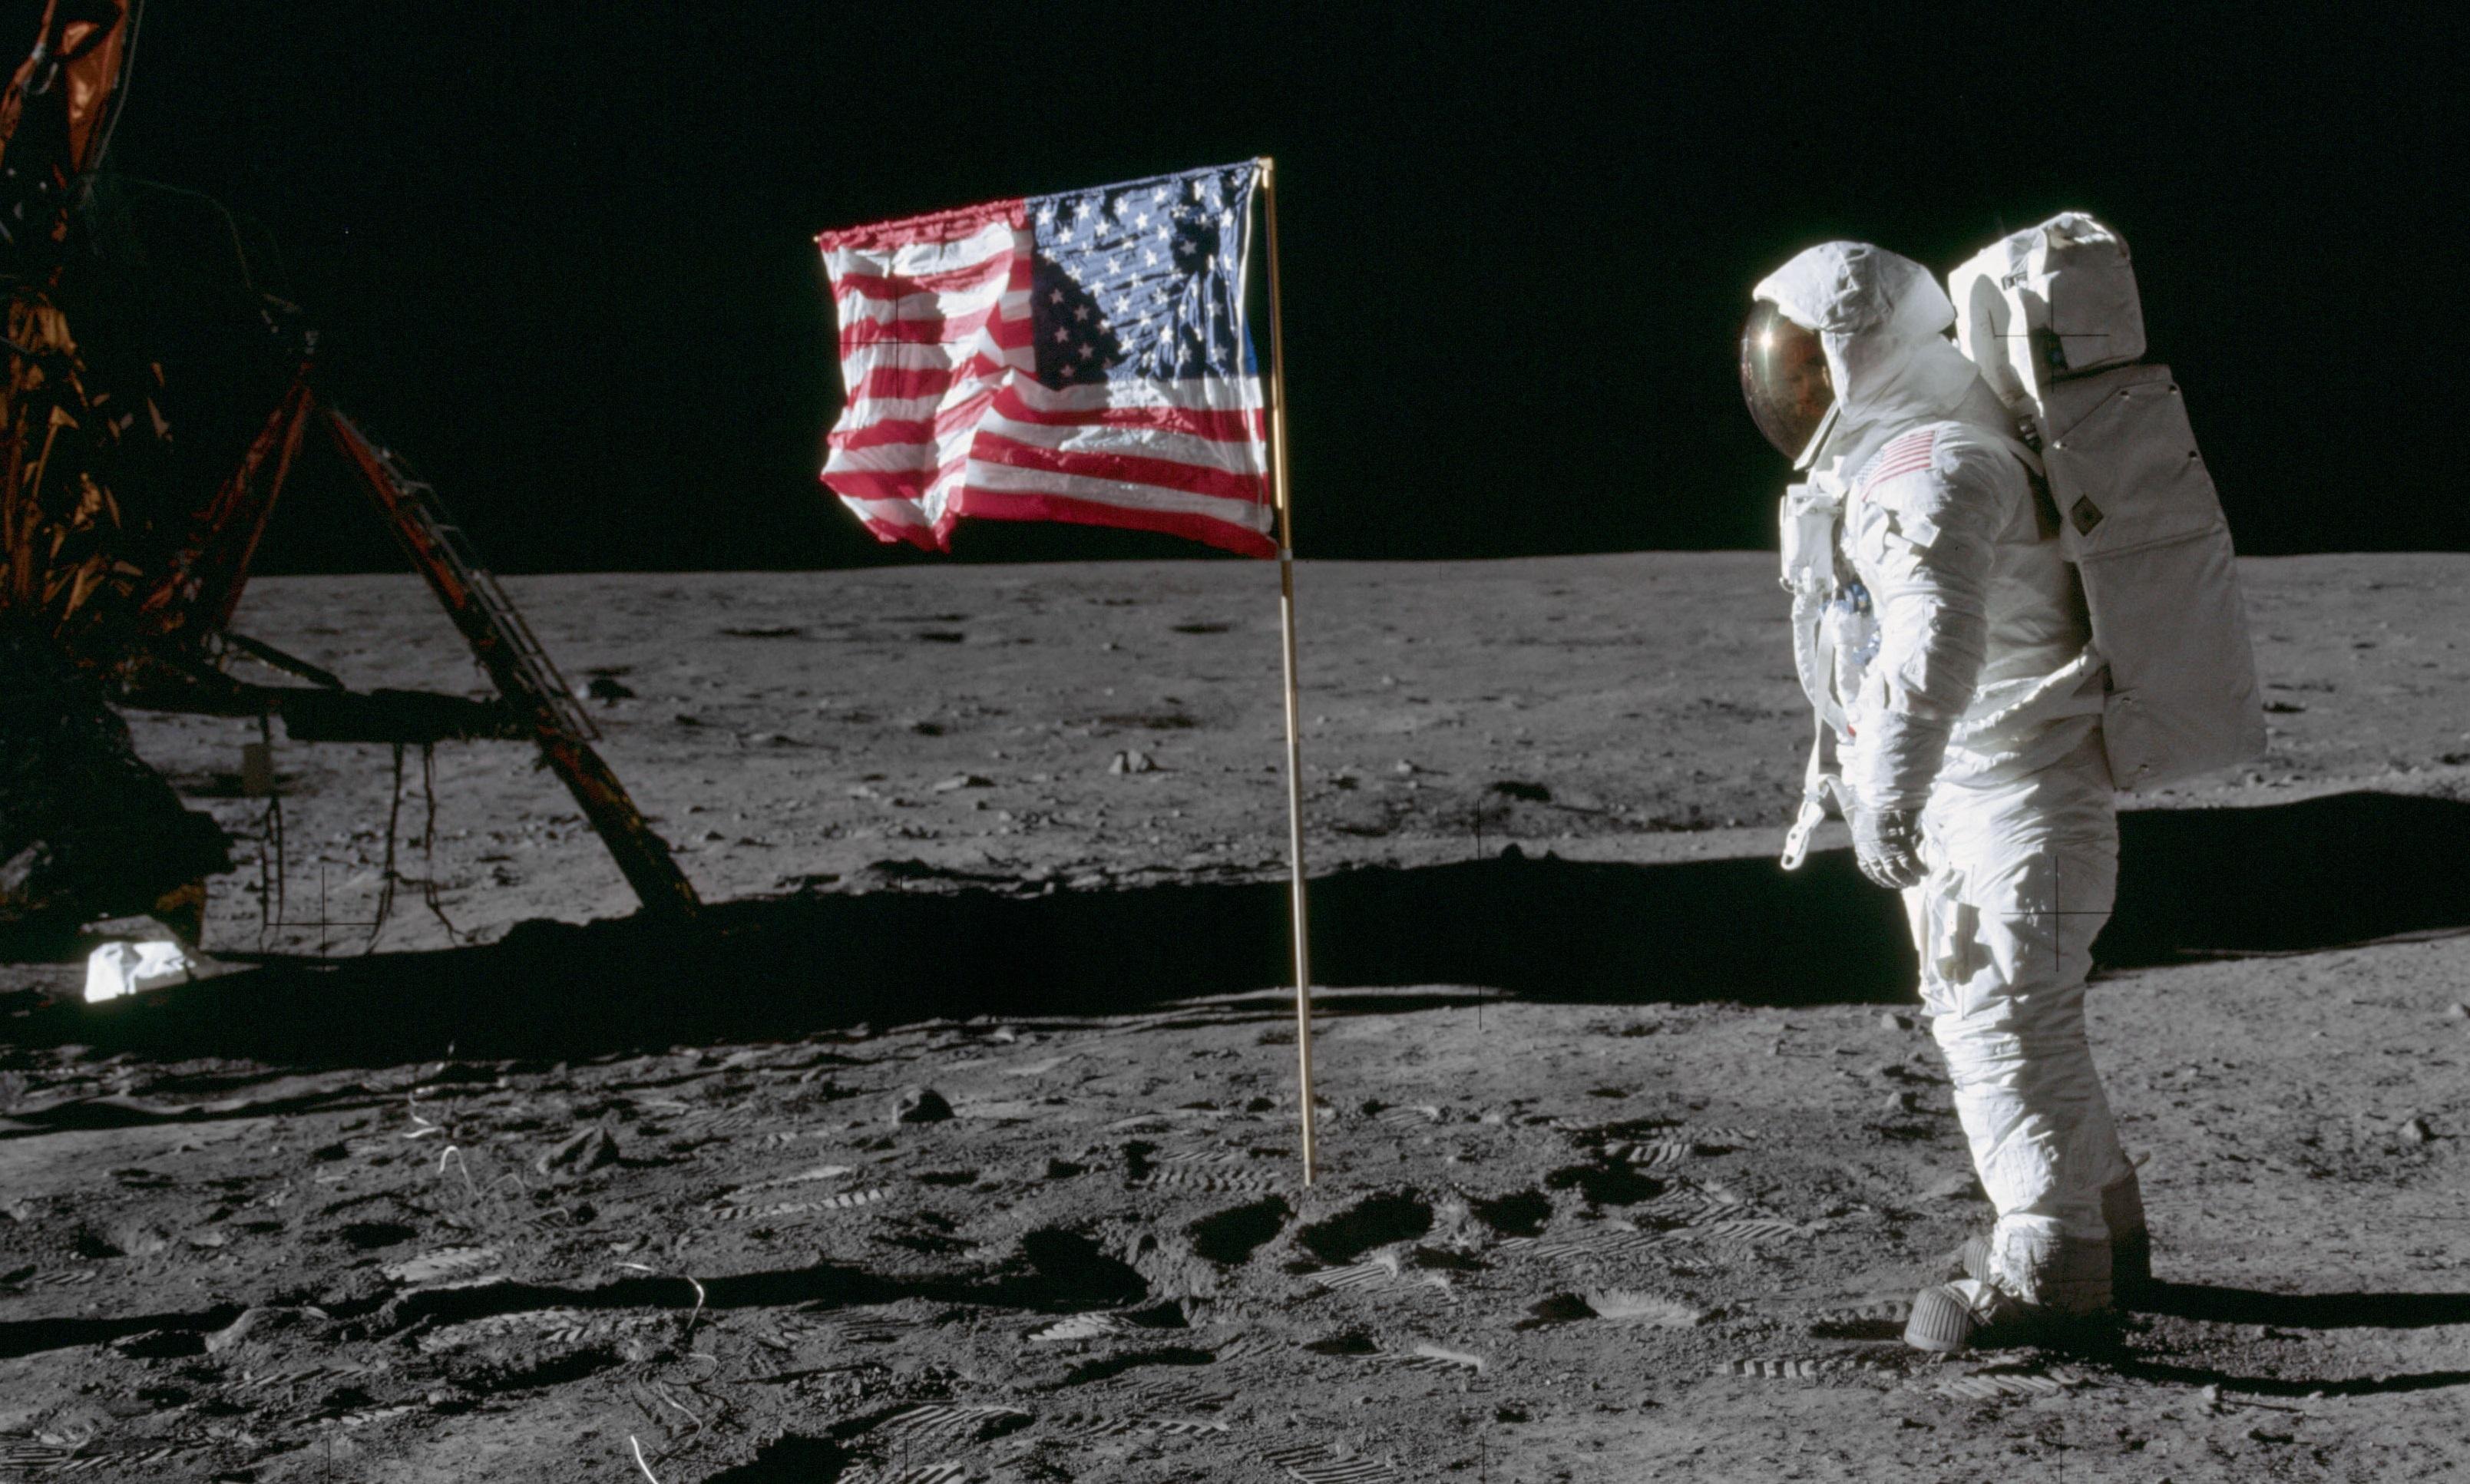 50 de ani de la misiunea Apollo 11. Ce s-a întâmplat cu filmul original al aselenizării